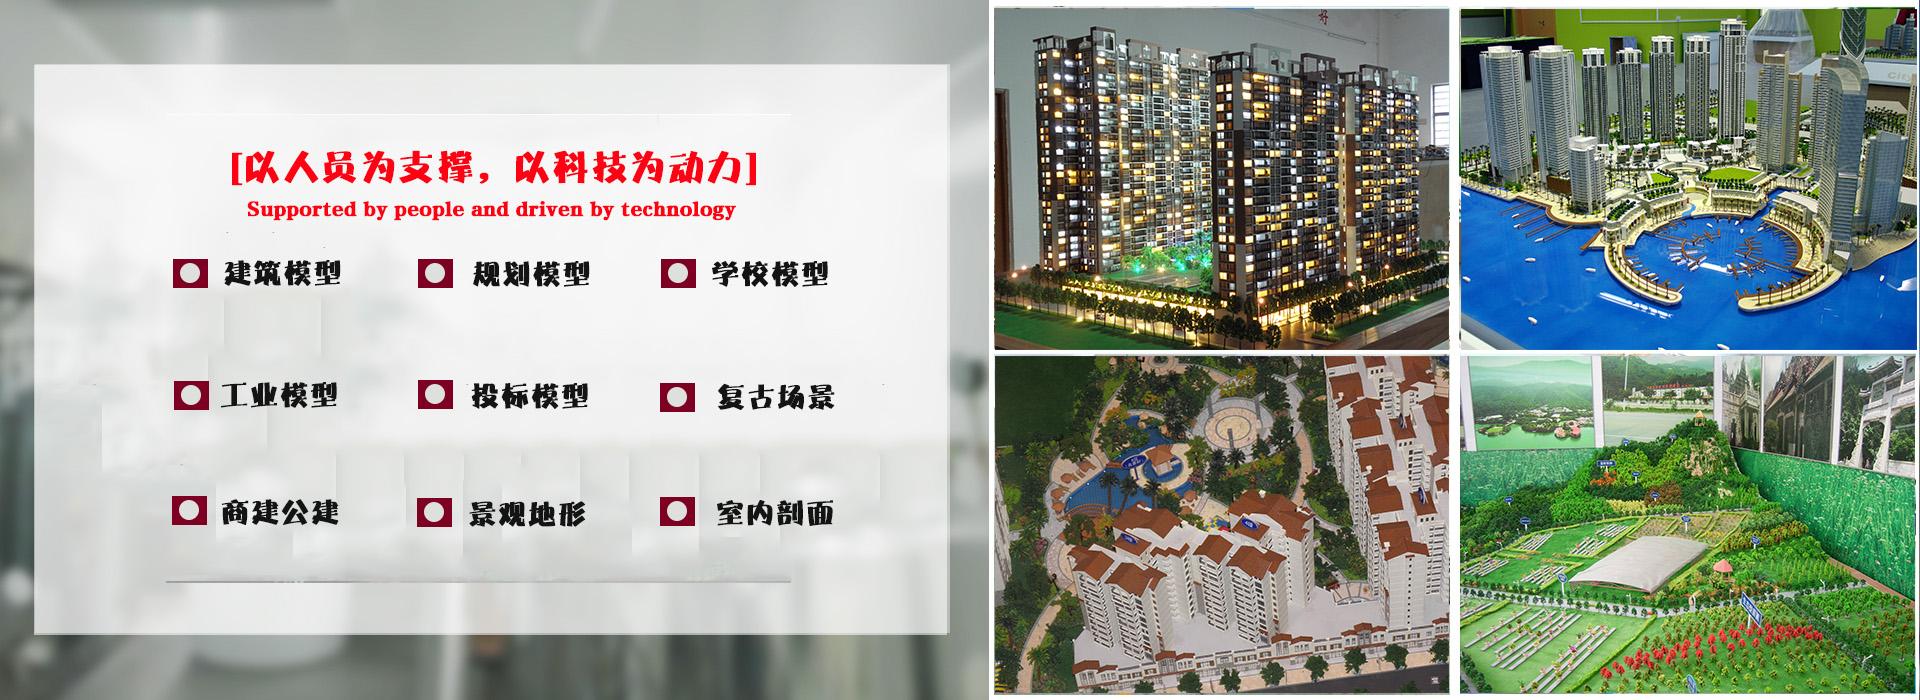 广州怡景建筑模型专业提供模型设计 广州市怡景建筑模型设计有限公司成立于2011-01-09,位于东圃镇黄村马坟山工业园三联路,交通便利,地理位置优越。成立以来一直致力于模型设计服务,为广大需求对象提供专业好服务。在服务客户的同时,我们也希望能够将国际先进的广告理念导入国内广告行业,积极带动国内广告行业的发展,引领设计标准。广州怡景建筑模型希望与广大企业和商家共同合作,一起实现市场与梦想,欢迎惠顾! 广州市怡景建筑模型设计有限公司成立于2003年。并于2011年1月正式由广州市星港建筑模型工作室改名为广